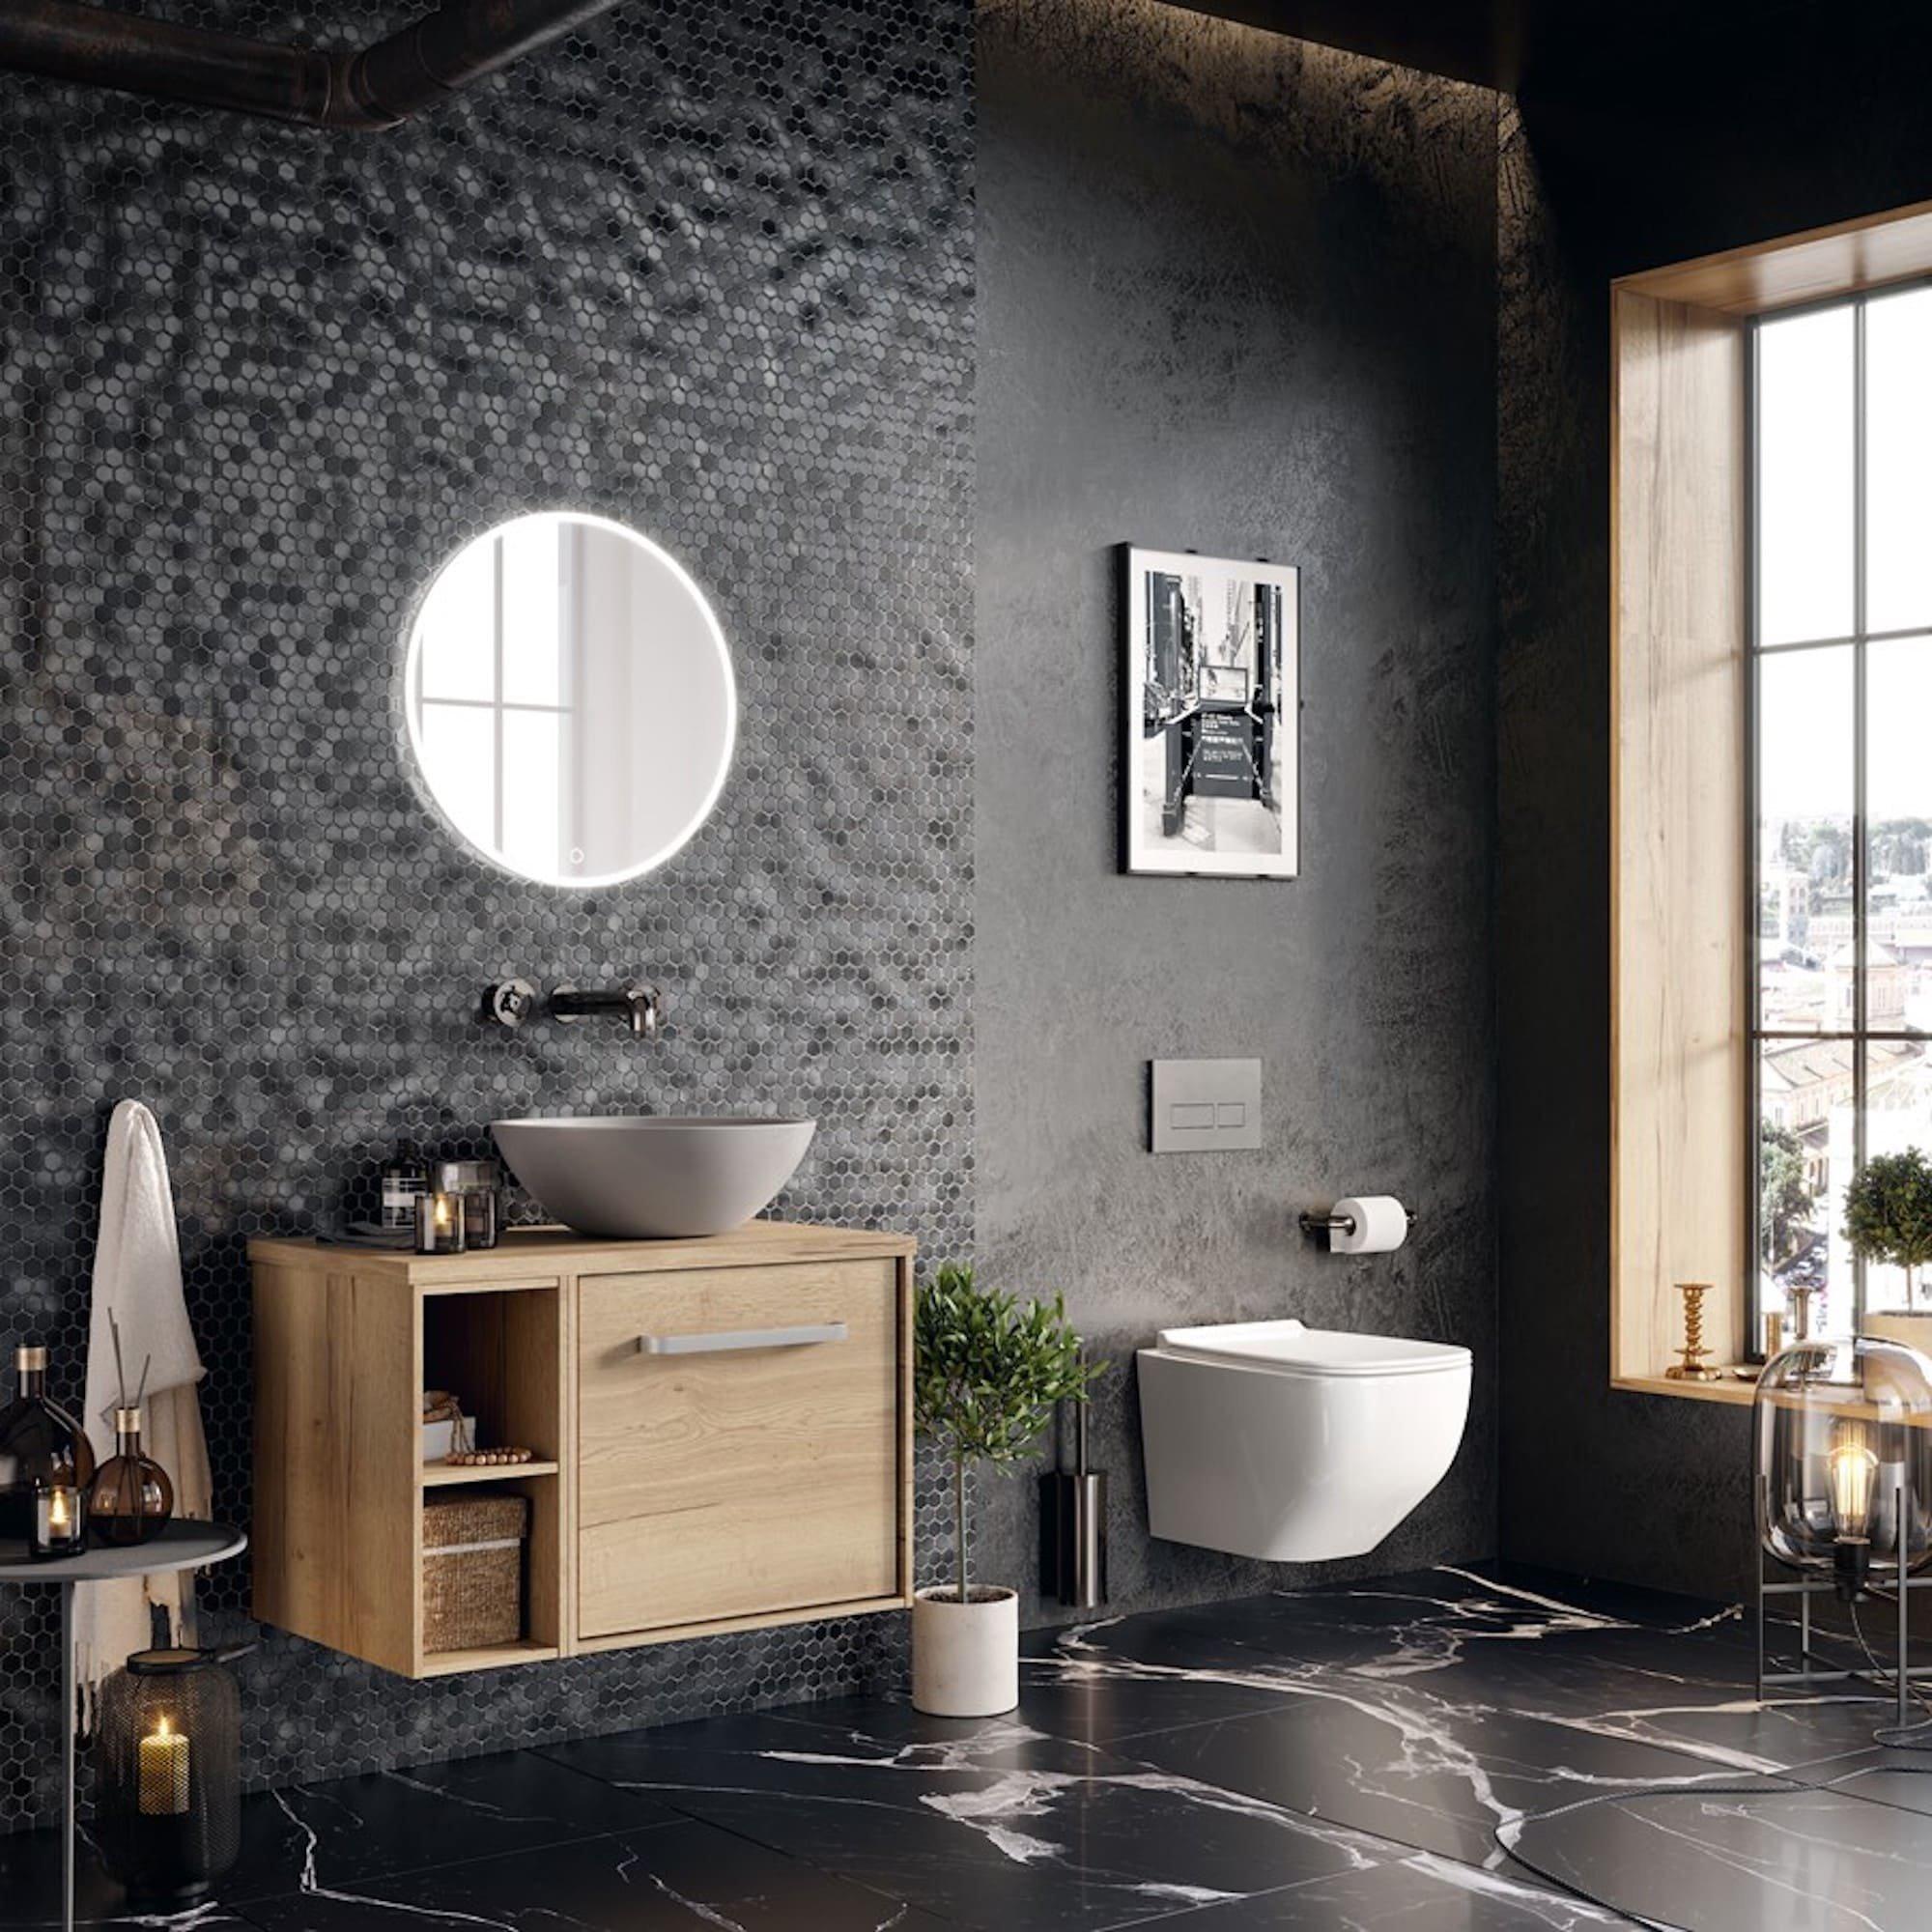 Přemýšlíte, v jaké barvě zařídíte koupelnu a líbí se vám černá? Aby ne, je to barva elegance a luxusu. Černé se v koupelně nemusíte vyhýbat, pokud dodržíte pár základních pravidel, která najdete v našem článku.